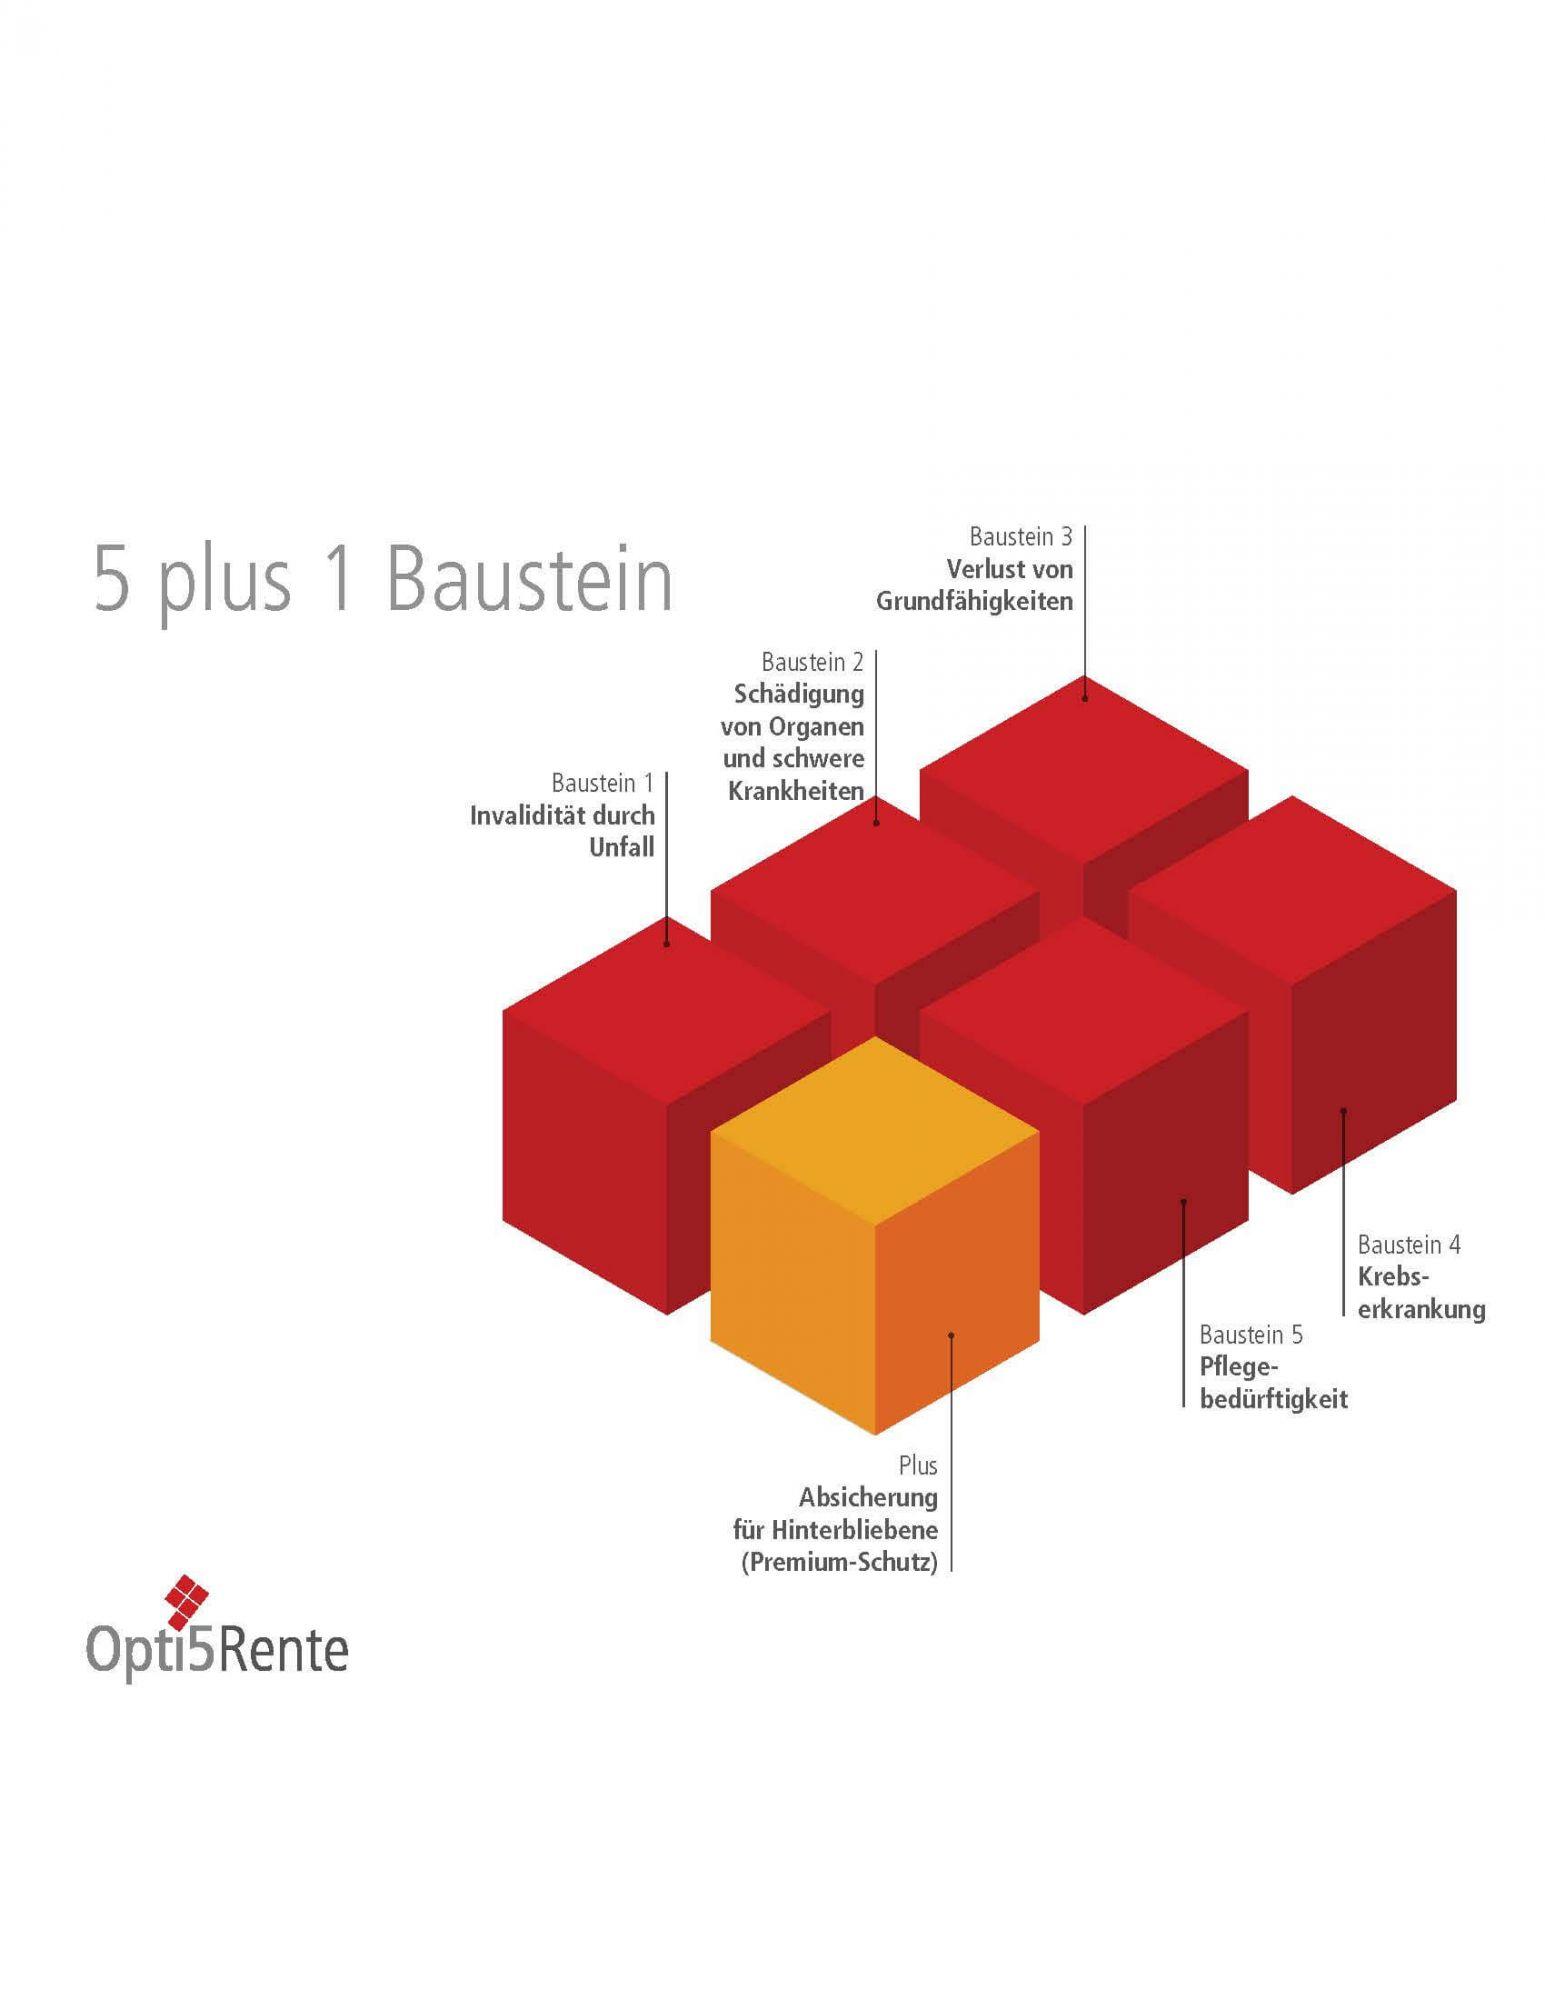 Opt5Rente